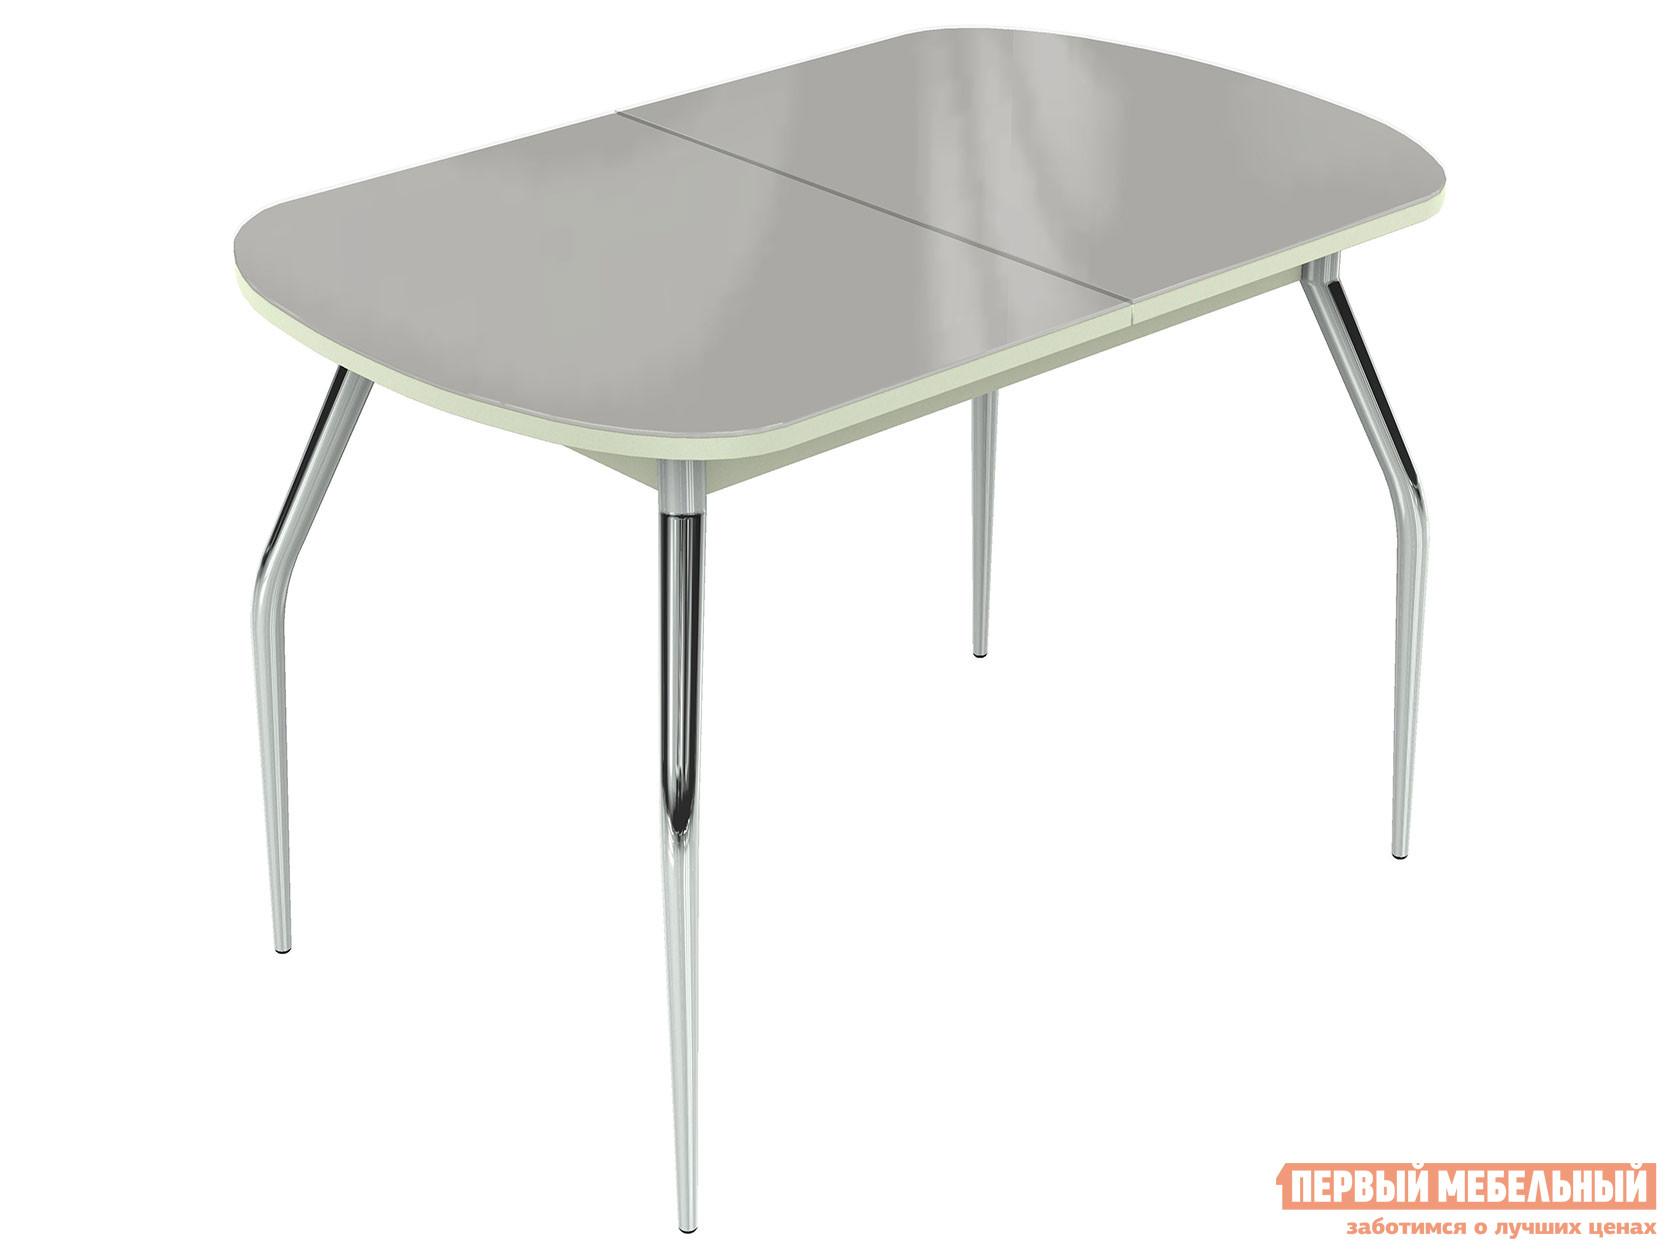 Кухонный стол  Ривьера - Стекло - Хром Стекло Белое / ЛДСП Белая, Большой